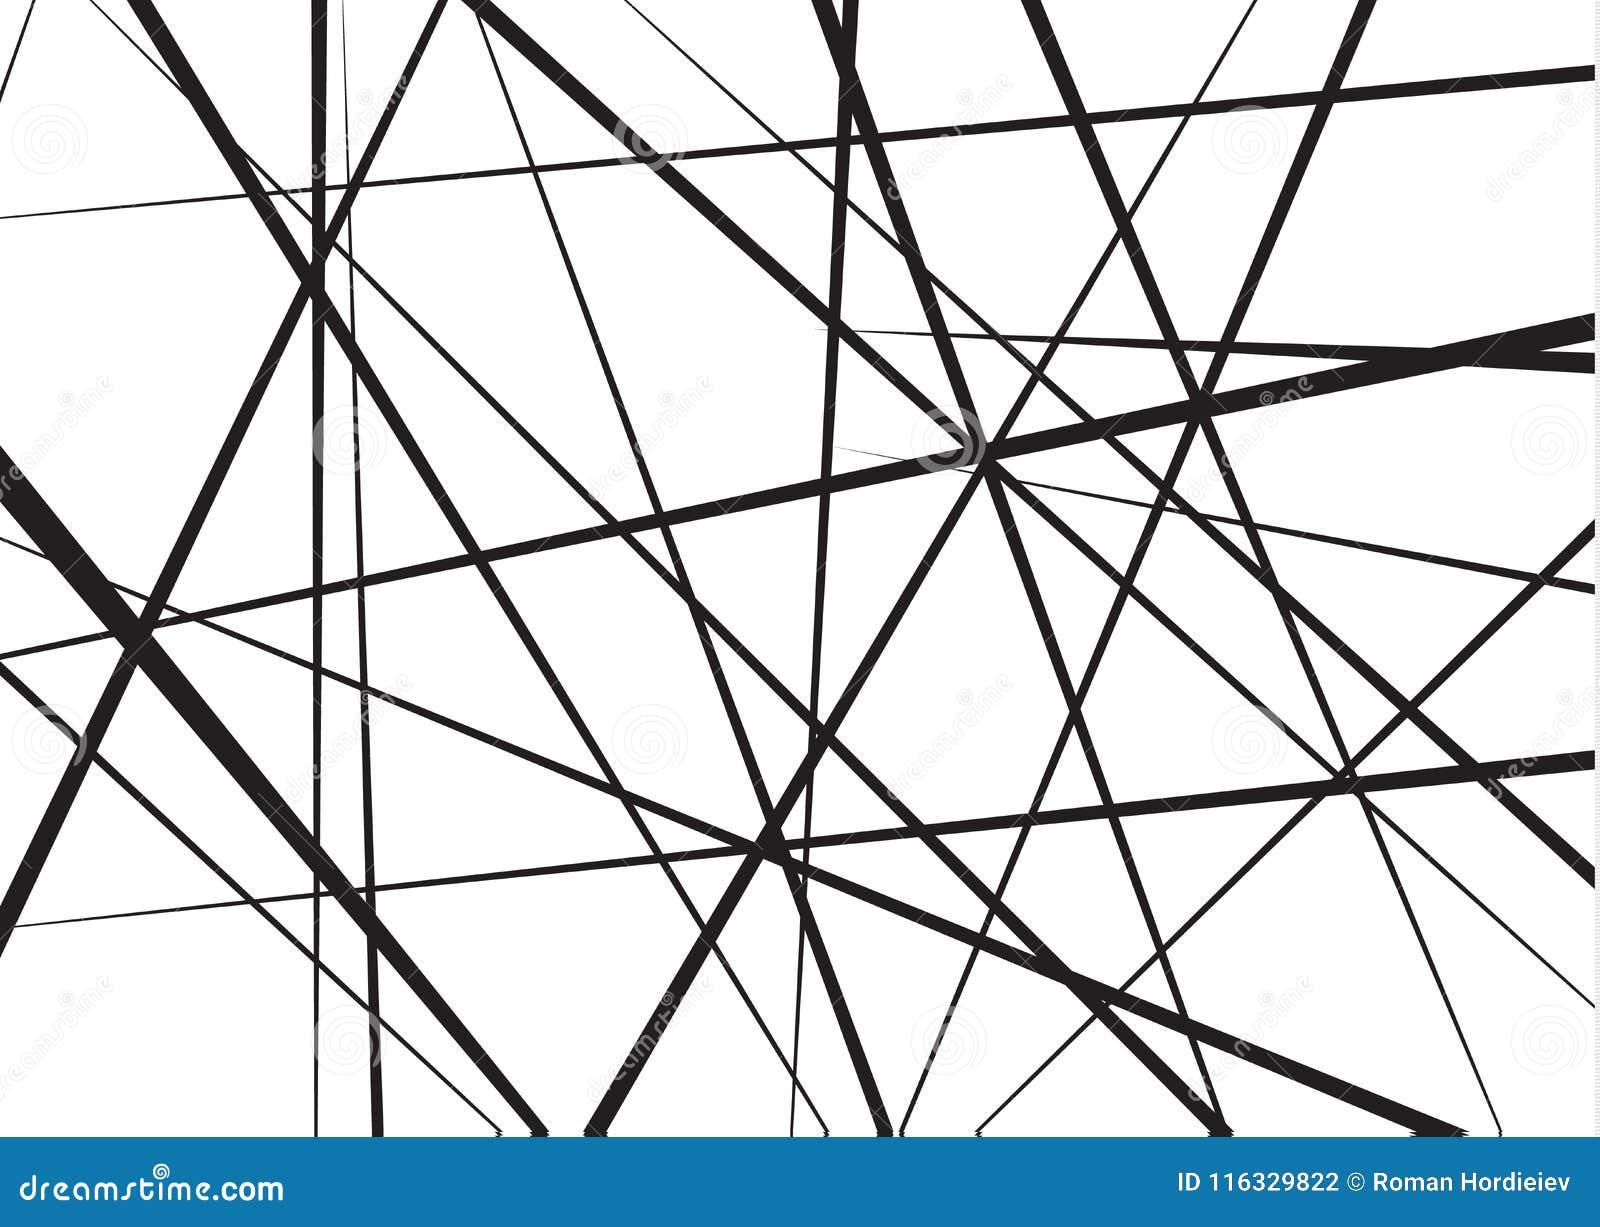 任意混乱线摘要几何样式 向量背景 能用于盖子设计,书设计,海报